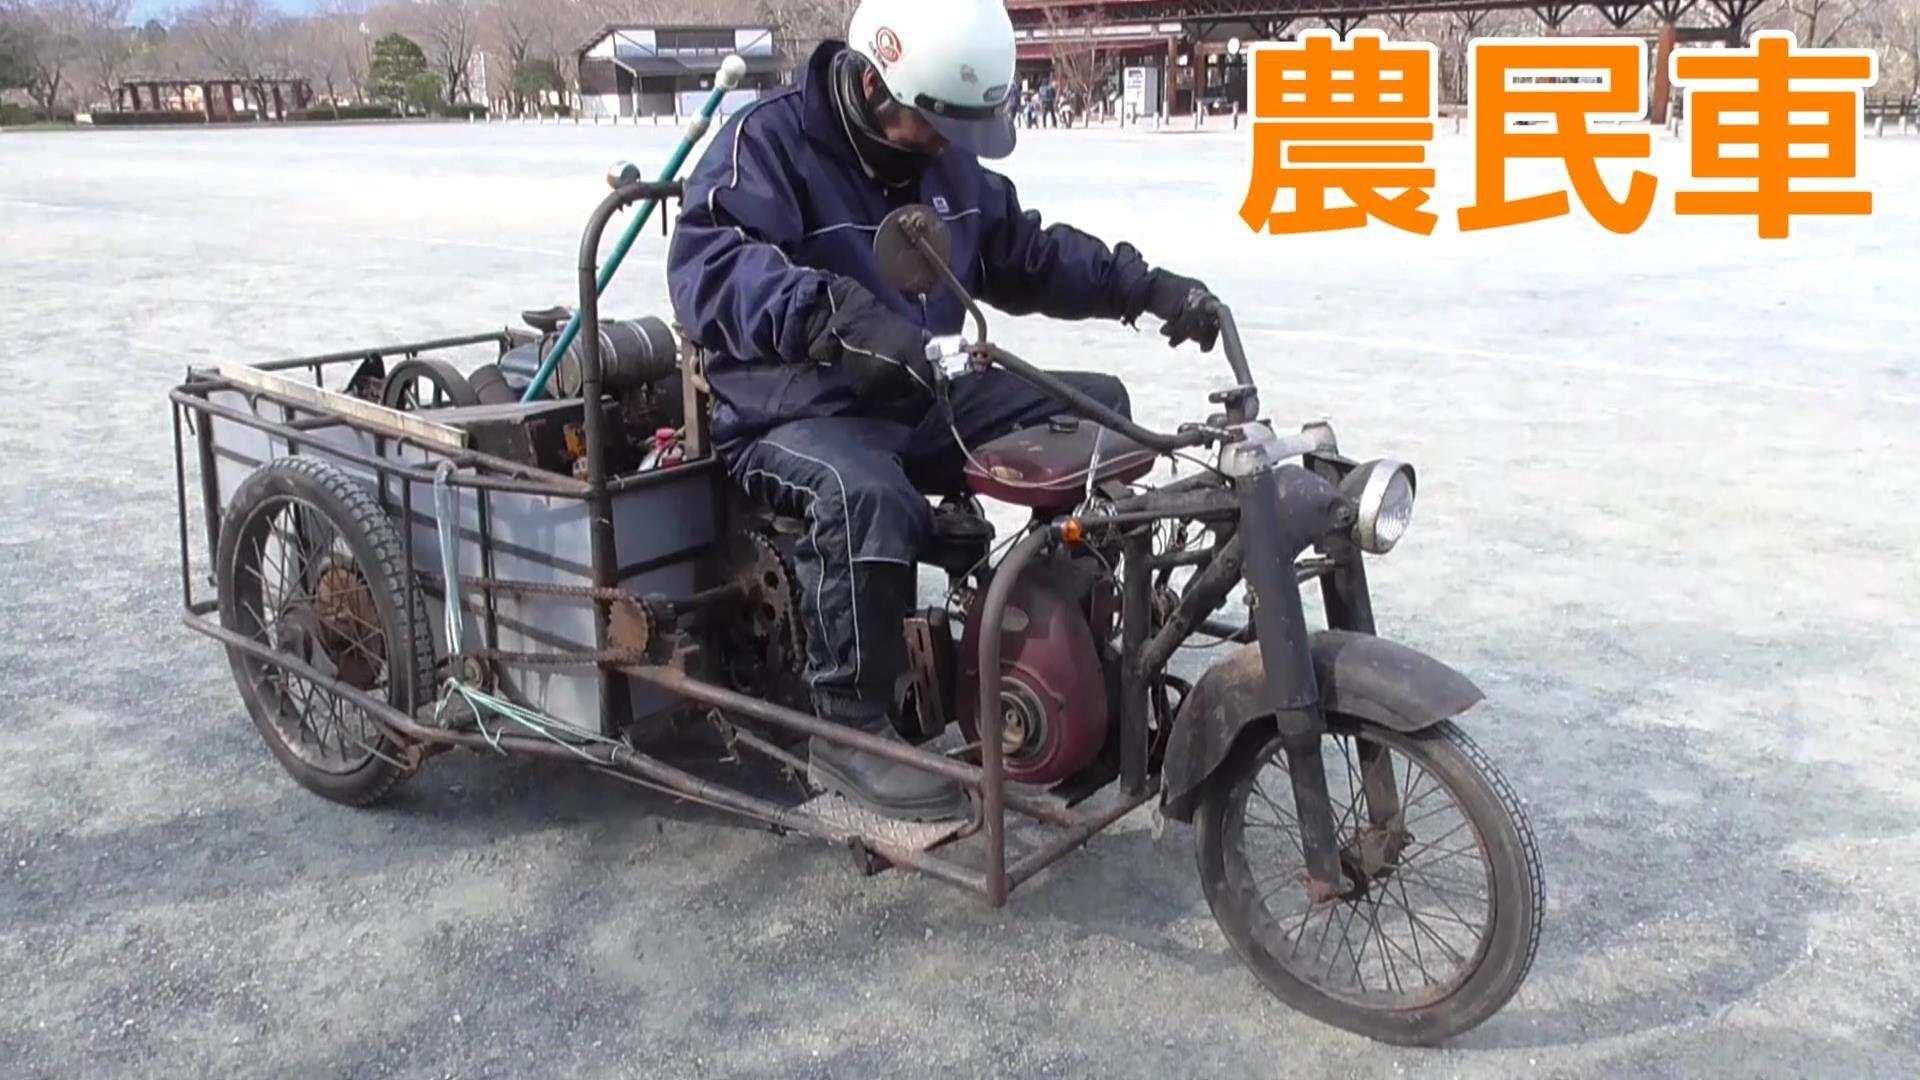 ワンオフ農民車 オート三輪 桜淵を疾走 Youtube オート三輪 ワンオフ 単車